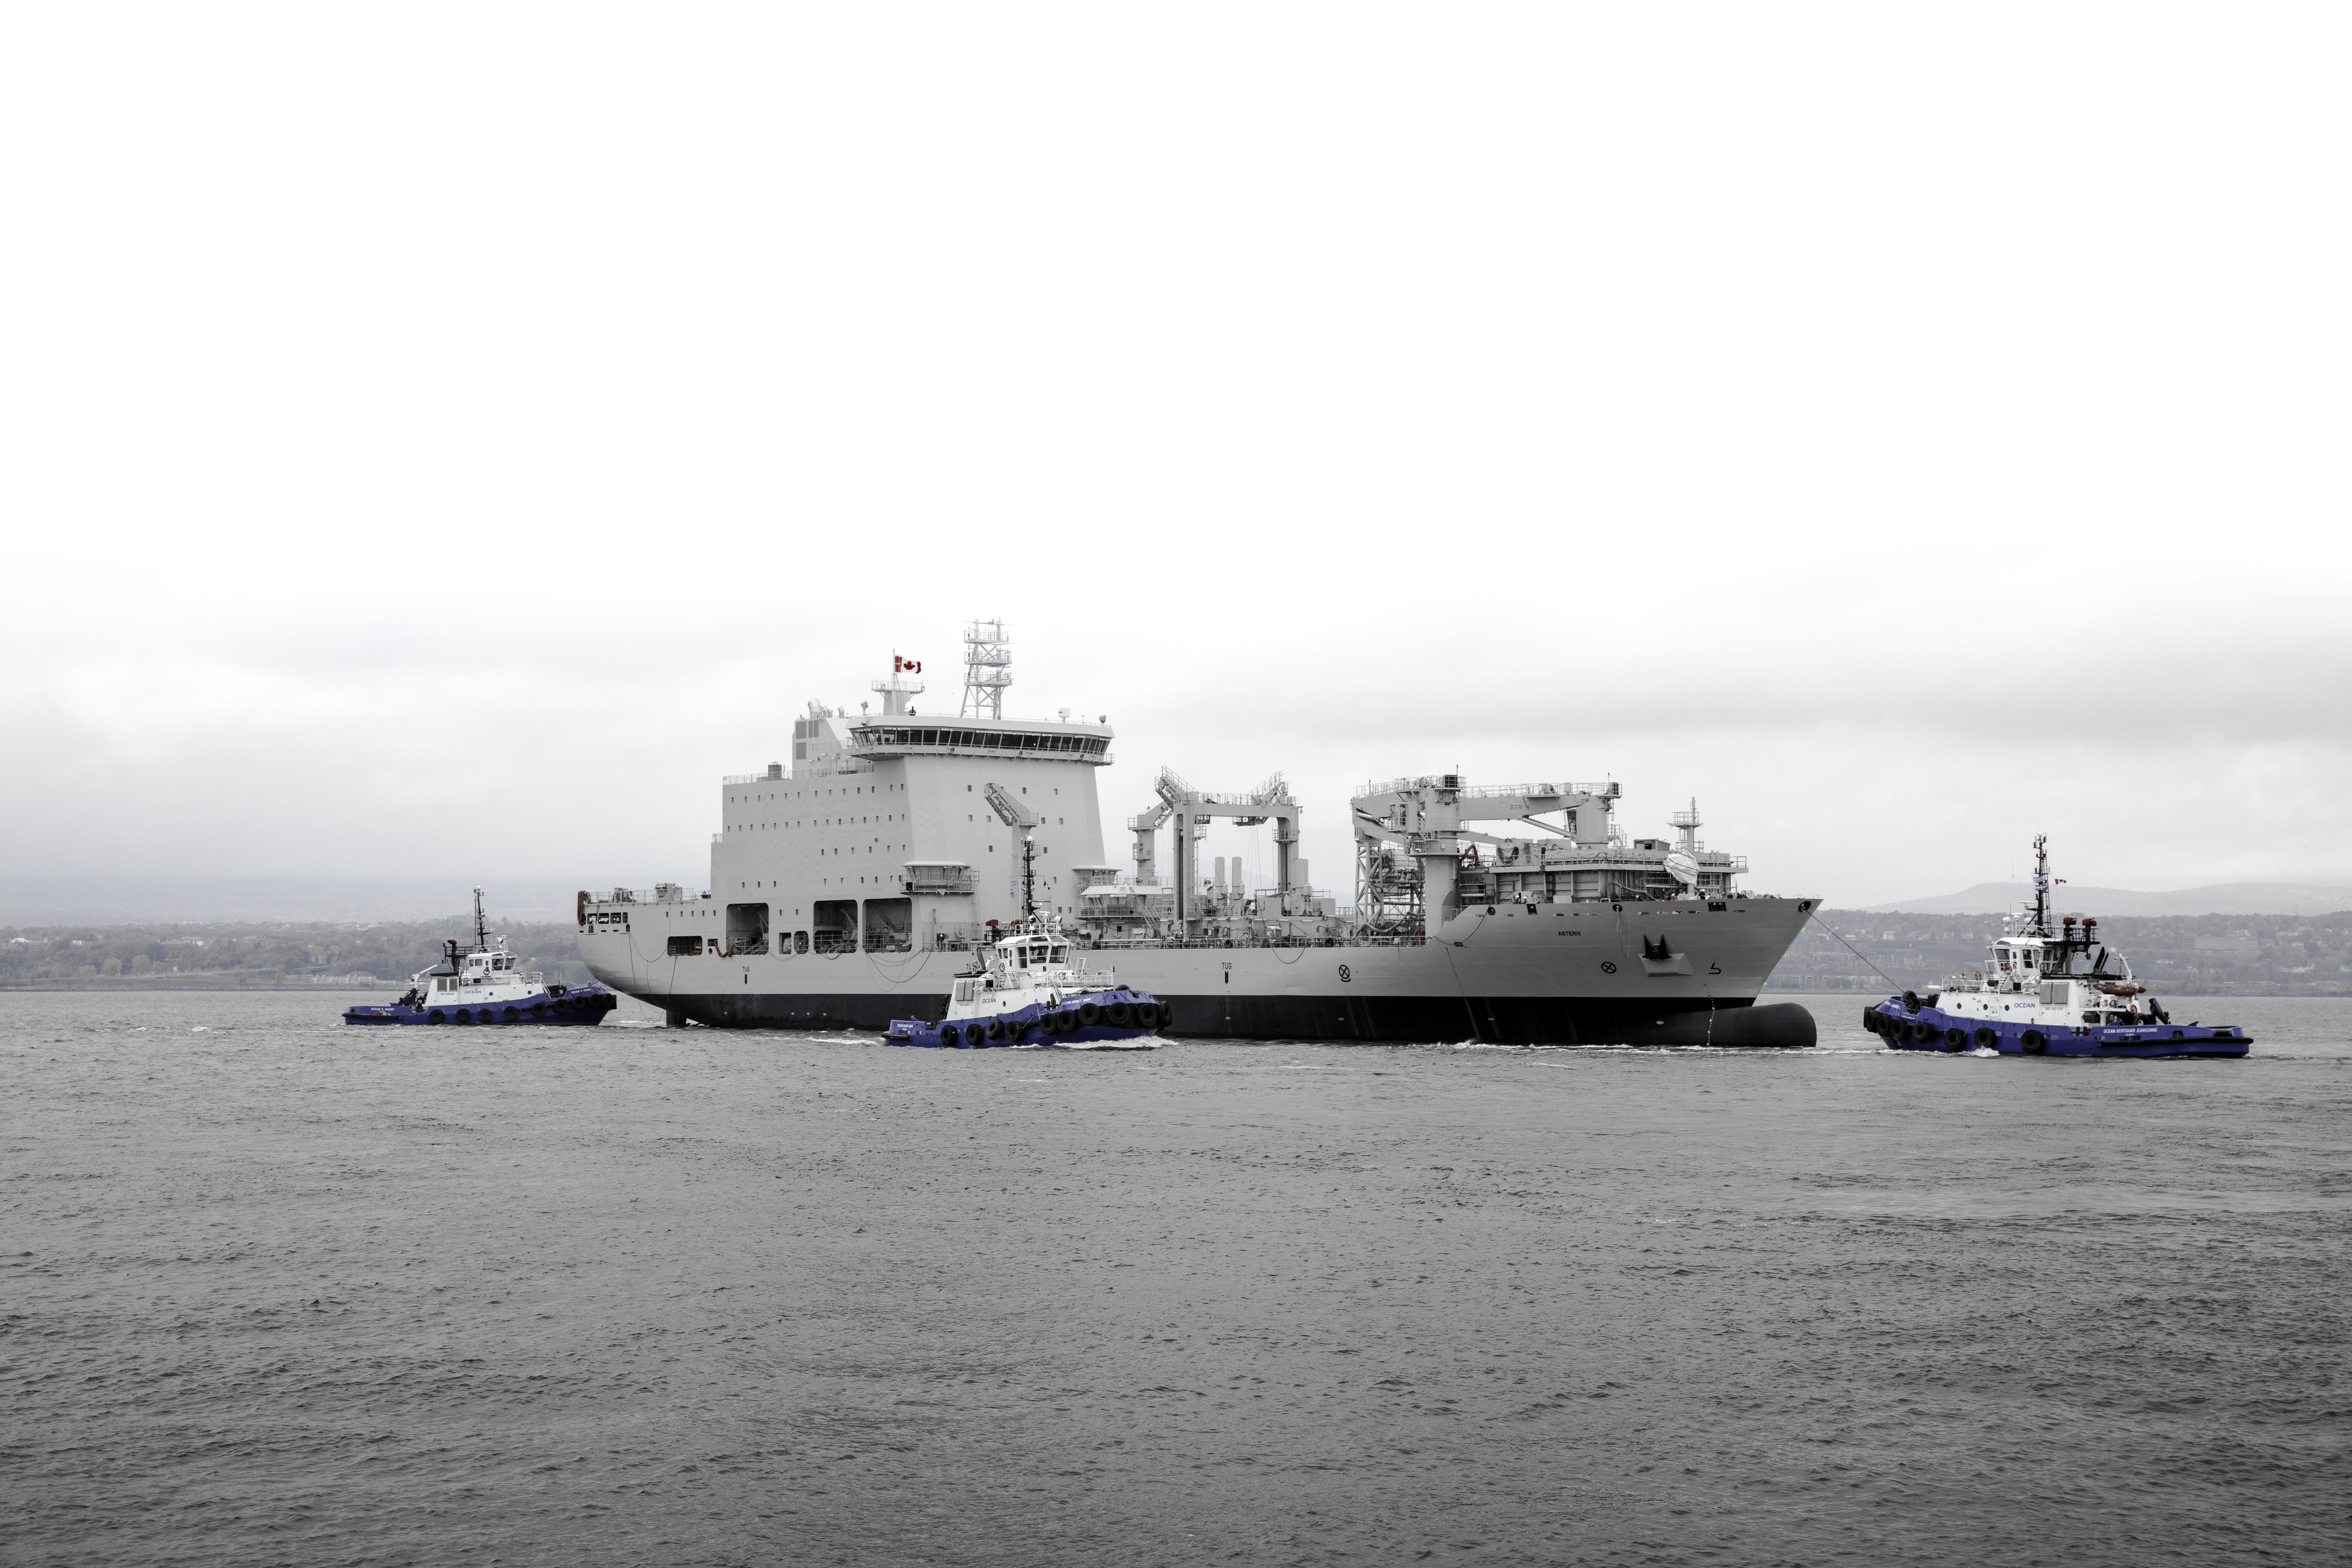 Перестроенный на канадском судостроительном предприятии Davie Shipbuilding для ВМС Канады из коммерческого контейнеровоза танкер комплексного снабжения Asterix. 16.10.2017.